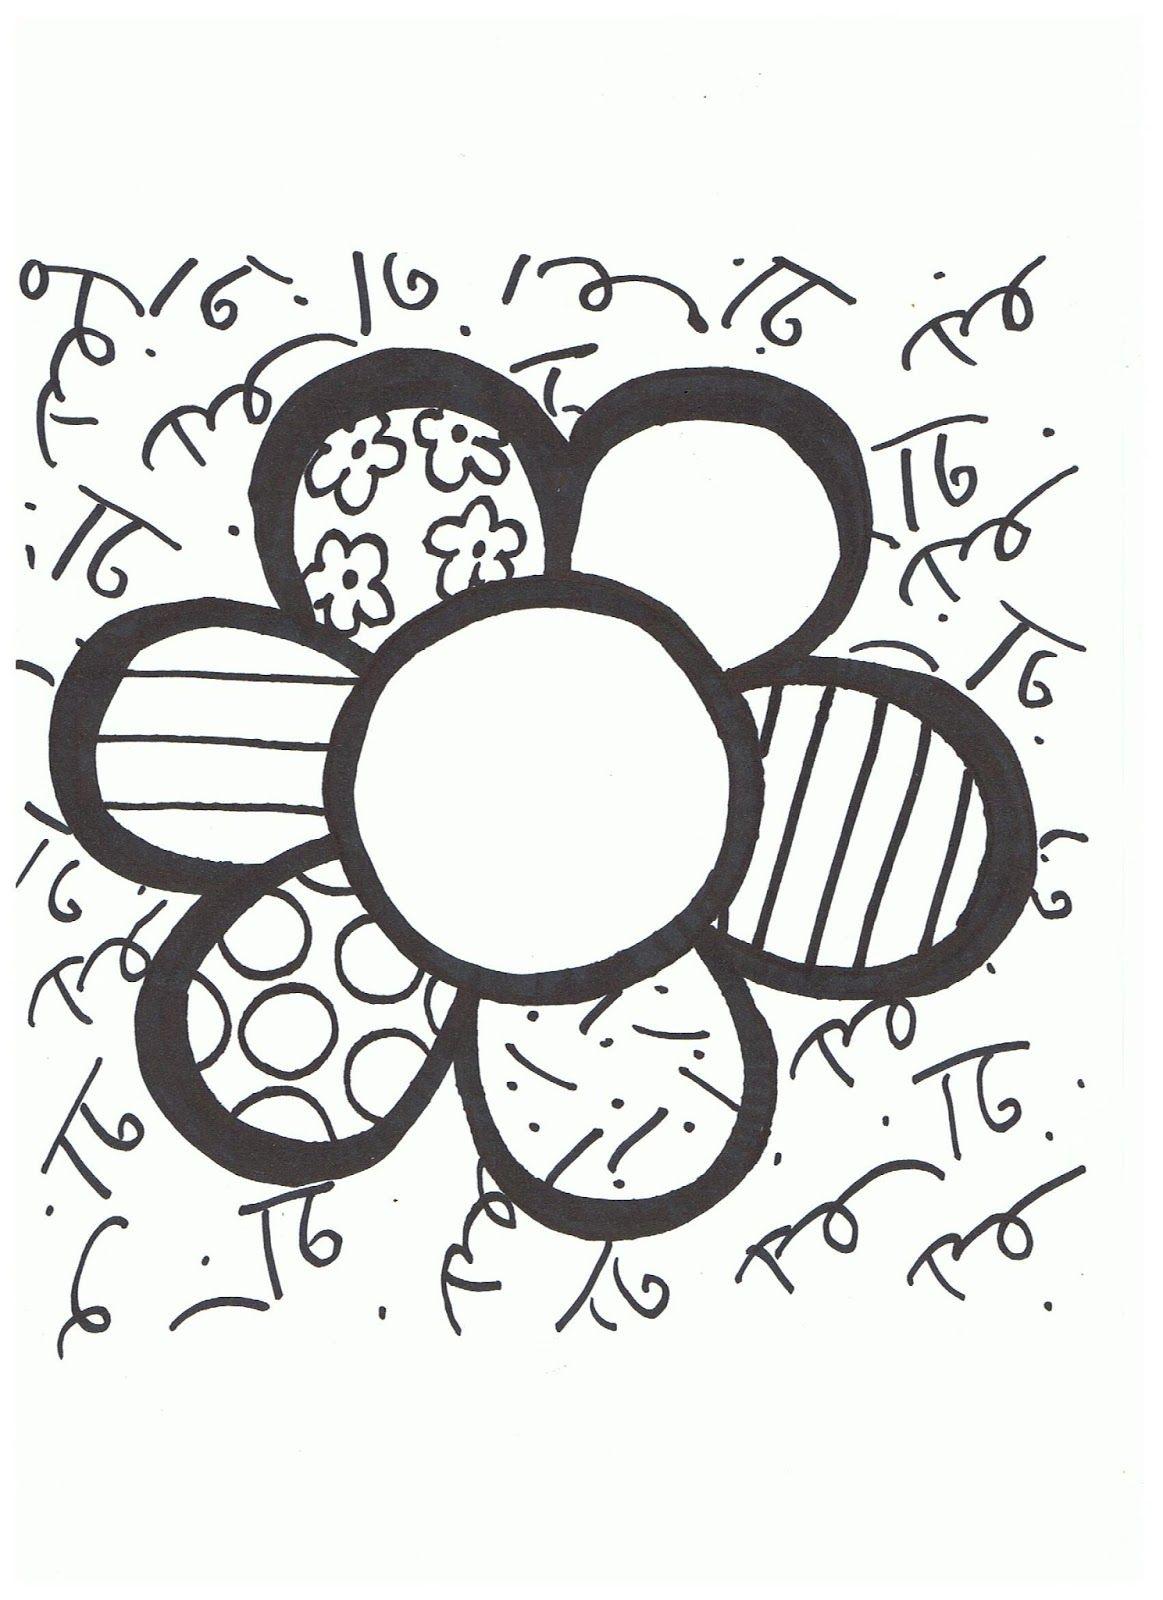 Mariposas Y Flores De Romero Britto Desenhos Romero Brito Obras